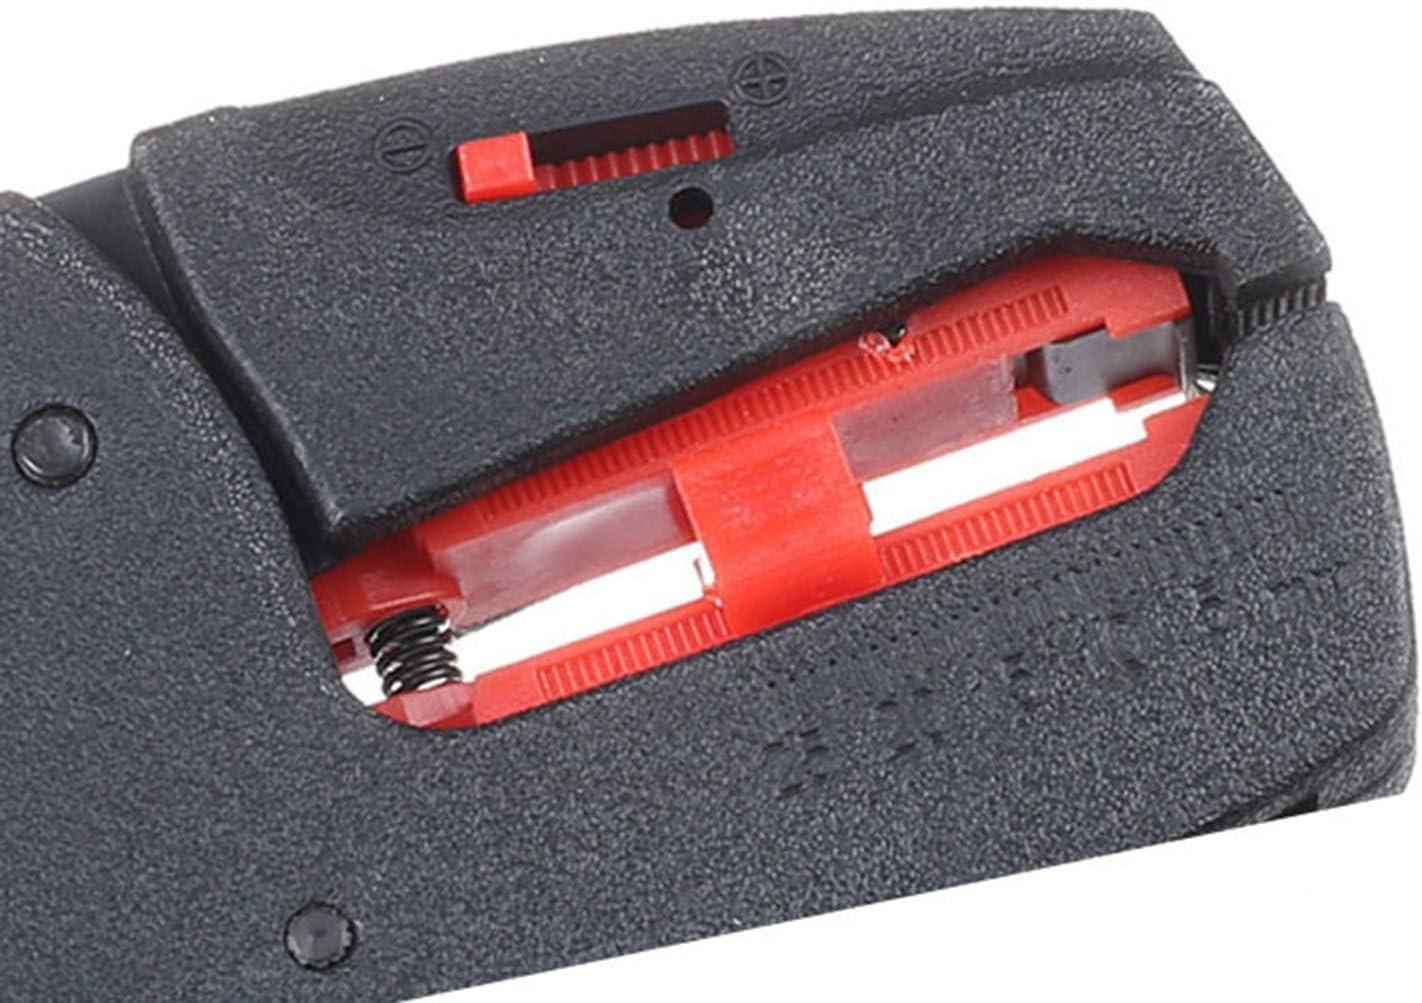 Tiamu Pince /à D/énuder Isolation /à R/églage Automatique Fs-D3 Gamme 0.08-6Mm2 Avec Coupeur de D/écapage de Fil Gamme 0.08-2.5Mm Nos Plats